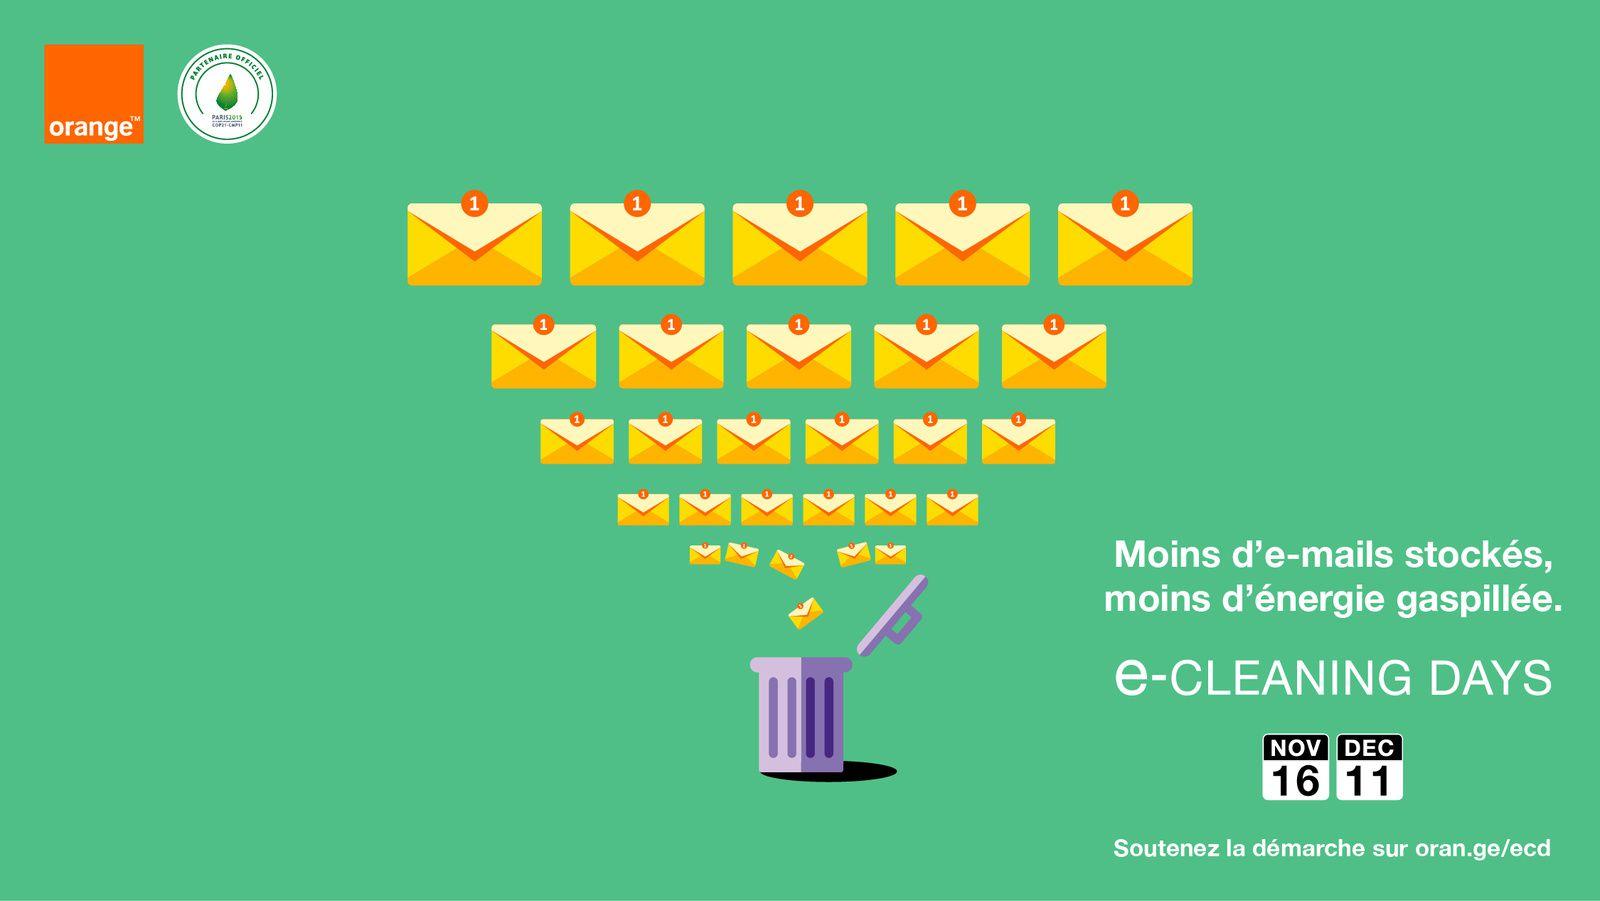 Quand vos e-mails polluent la planète...